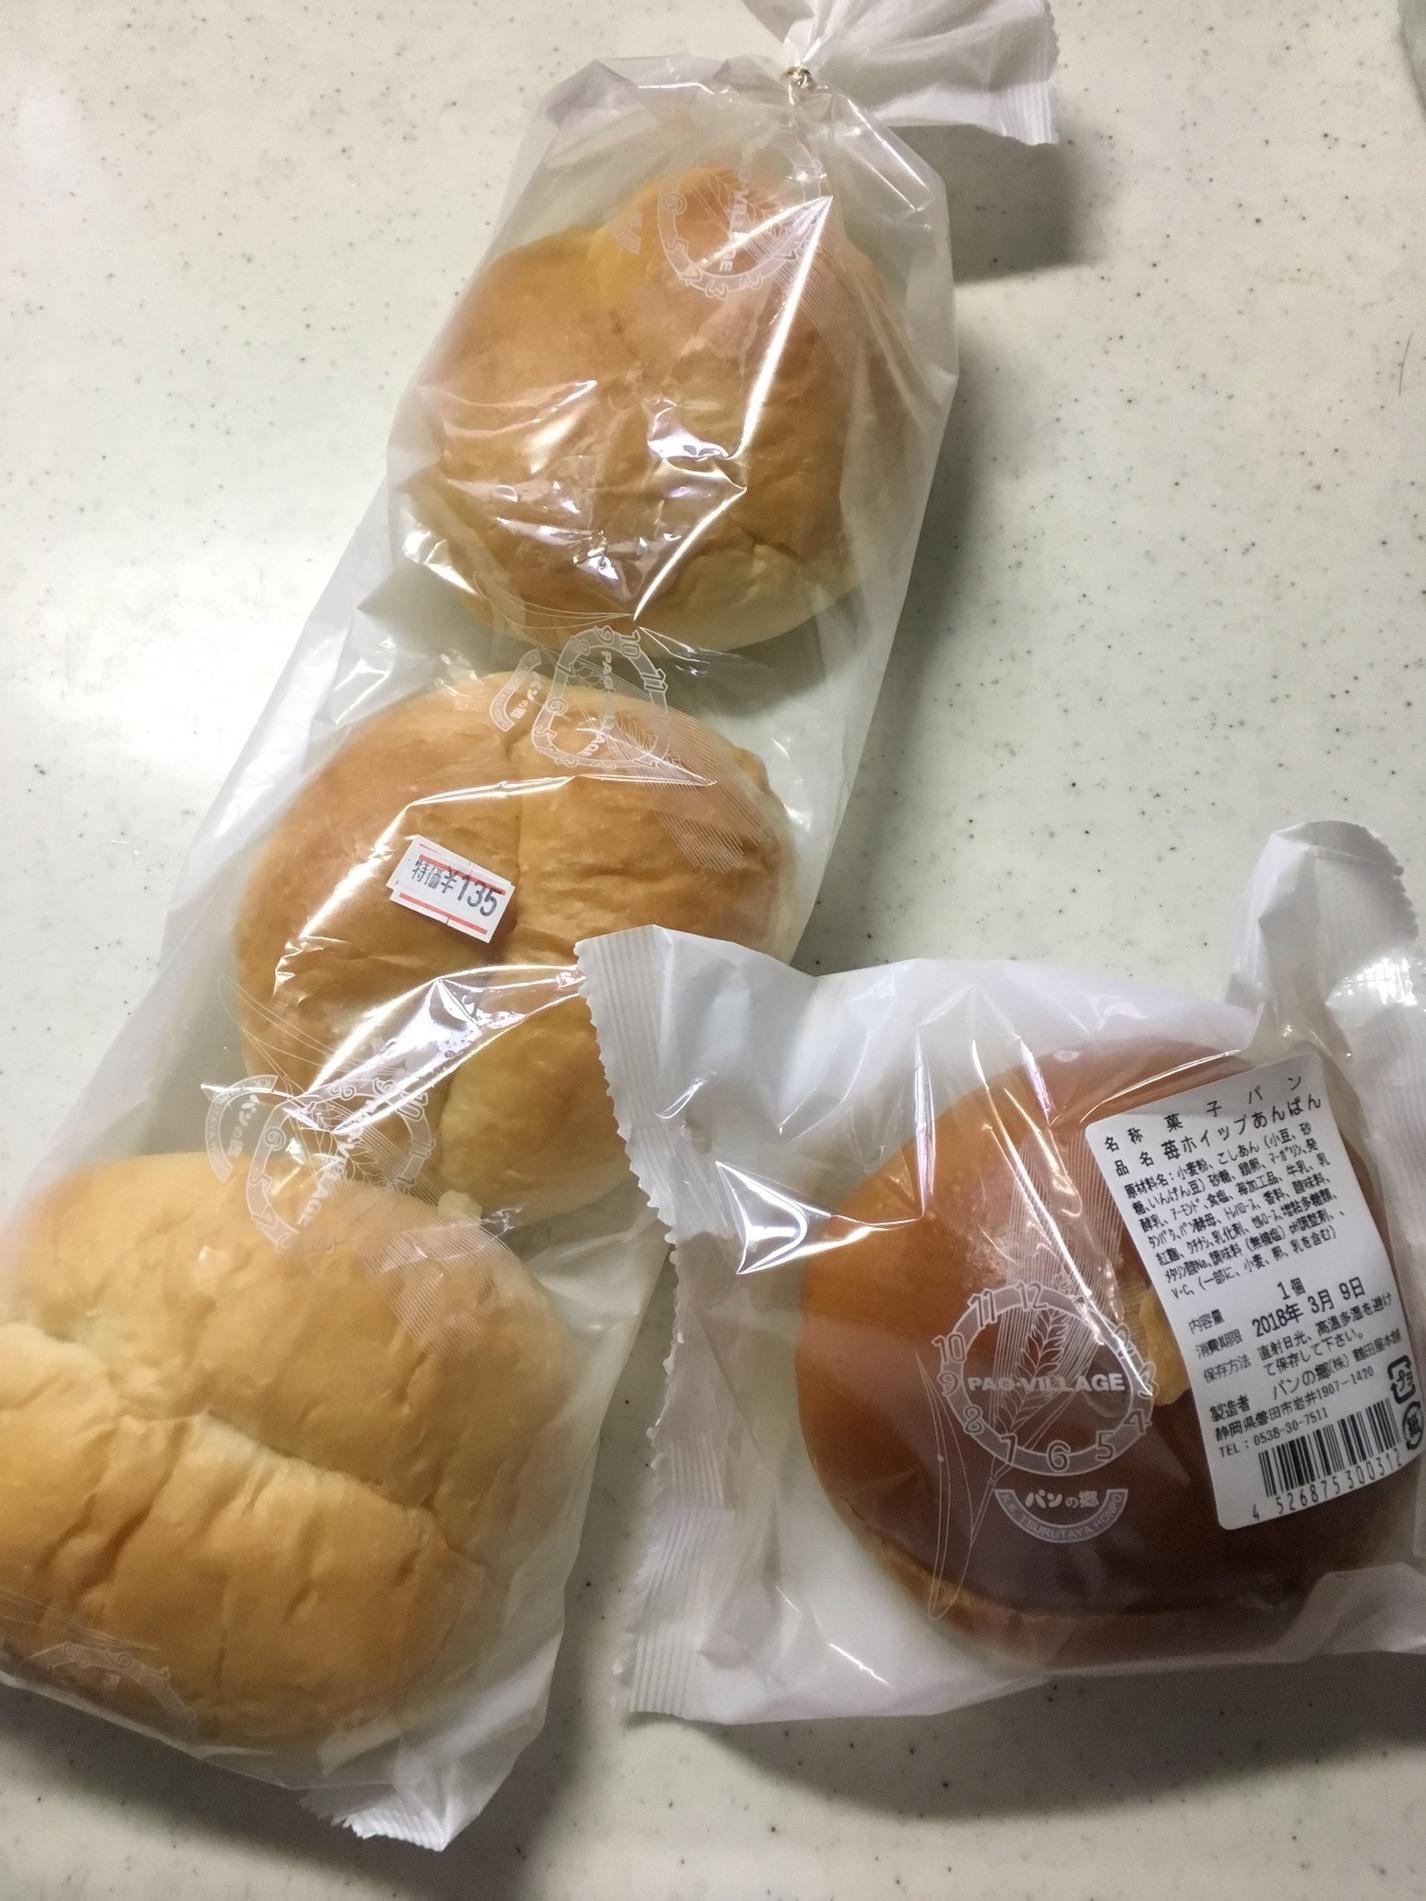 アウトレットベーカリー パンの郷 磐田工場直売所 name=